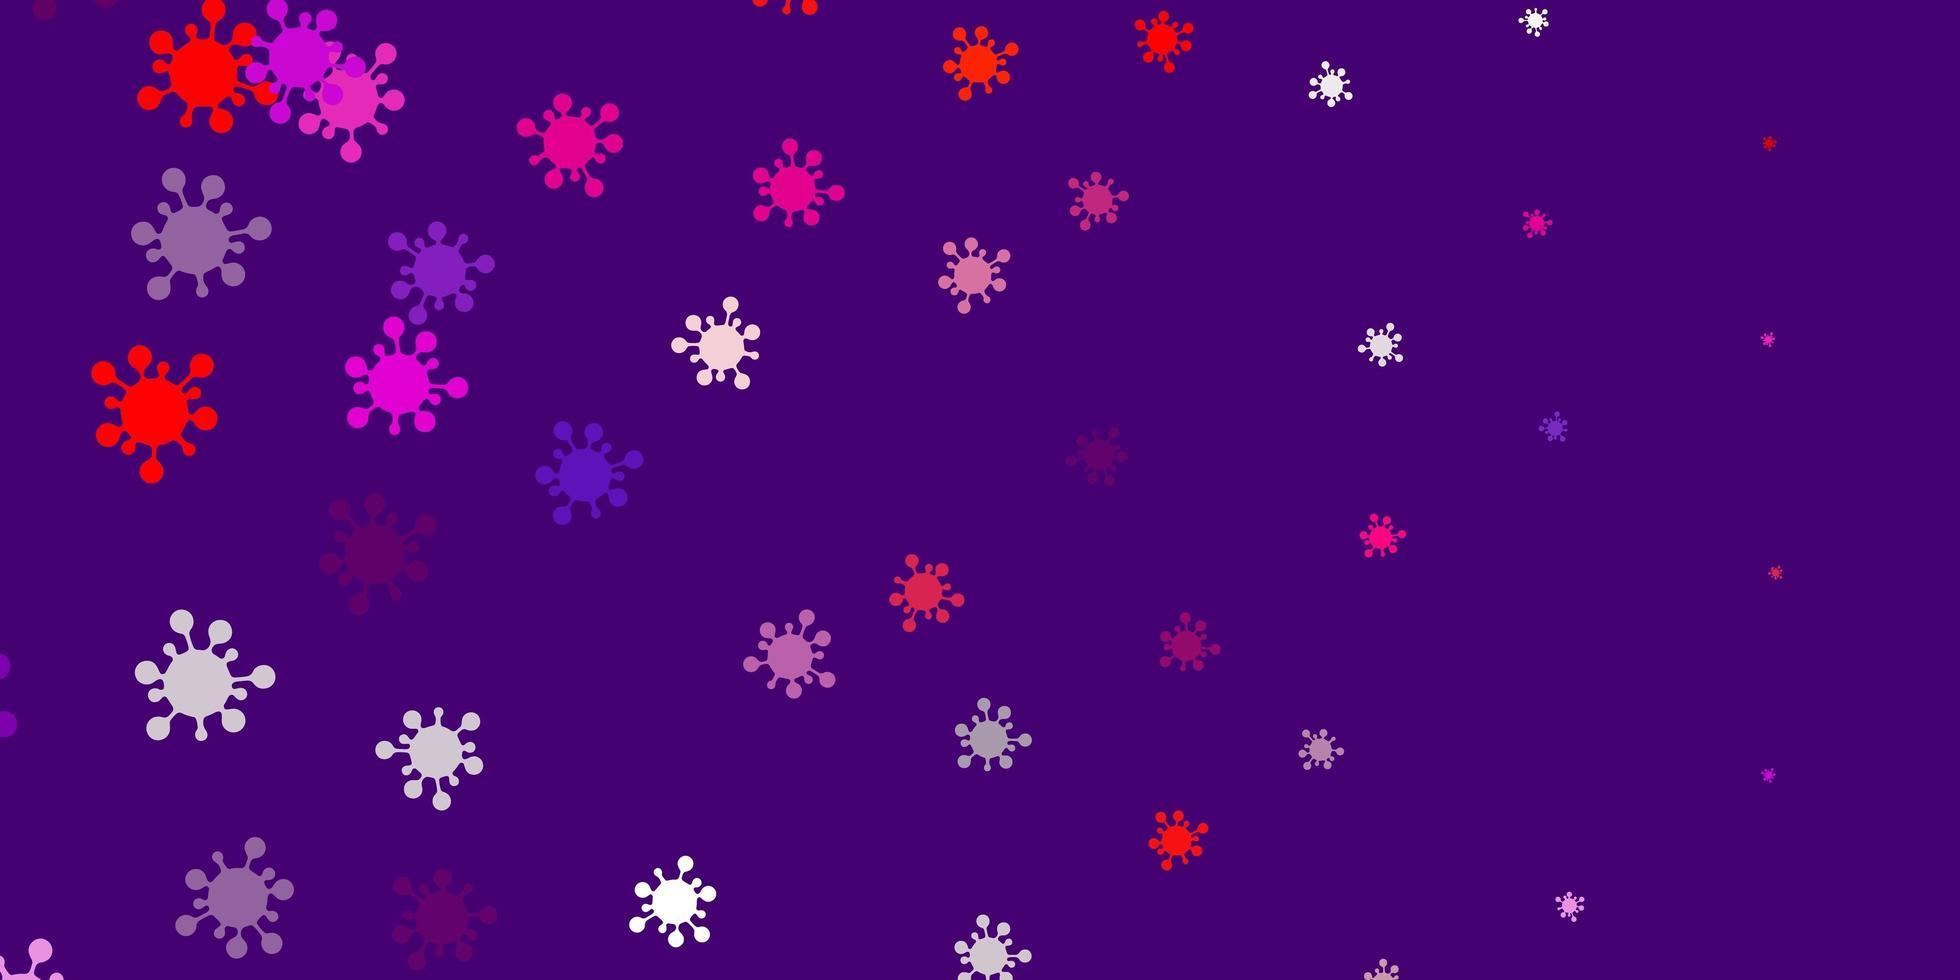 ljusrosa, röd vektor bakgrund med virussymboler.